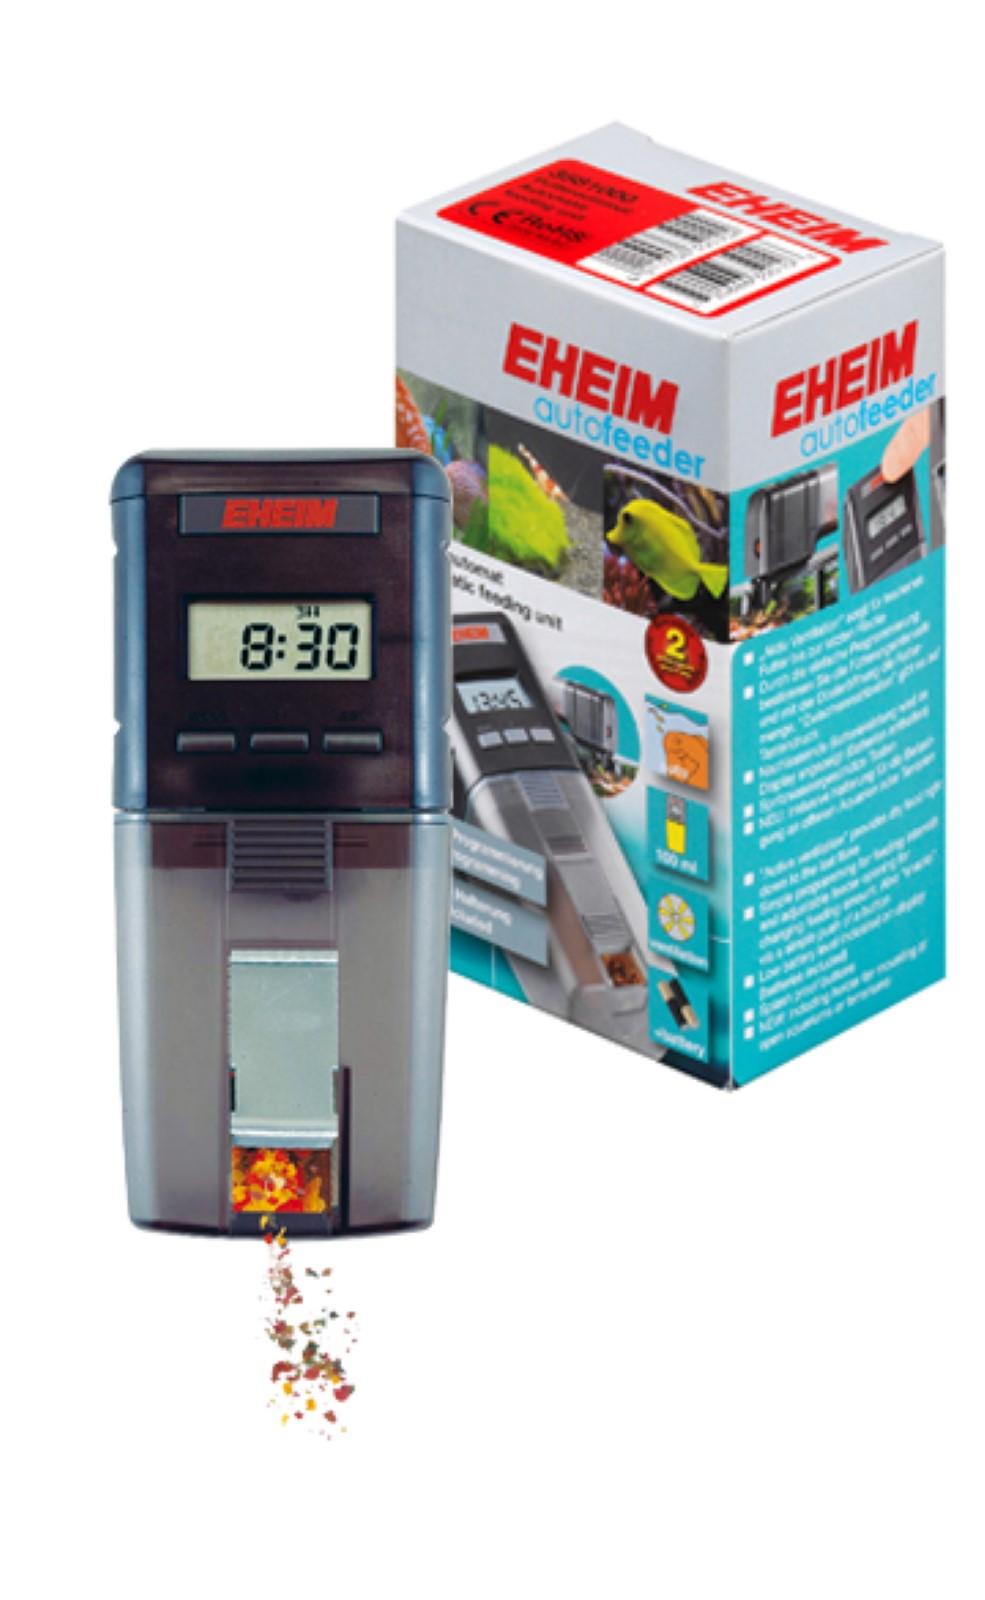 Eheim autofeeder Futterautomat